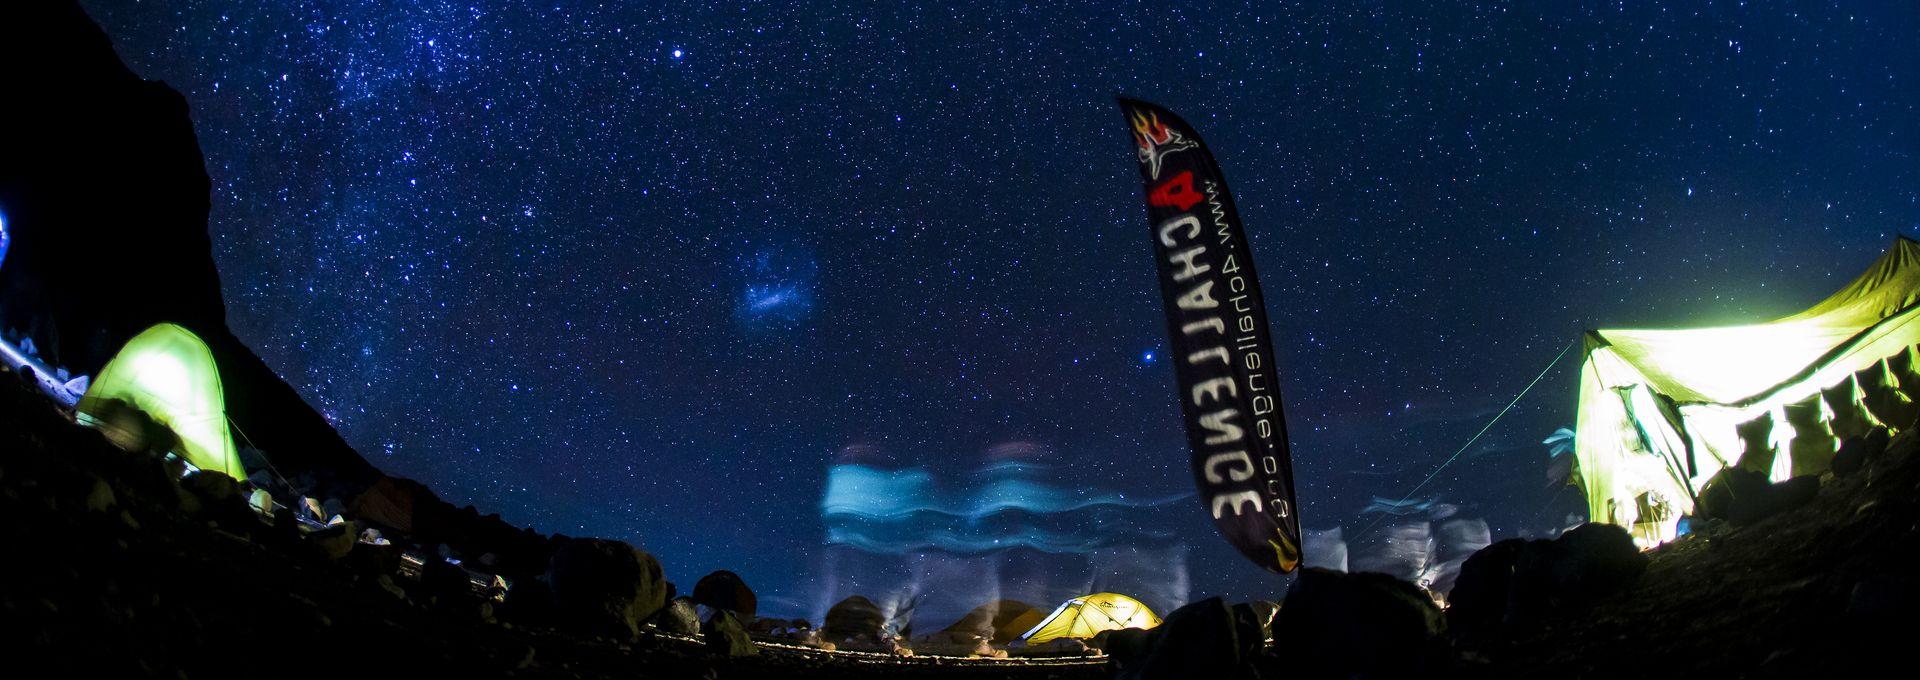 obóz wyprawy 4challenge nocą - Boliwia Huayna Potosi